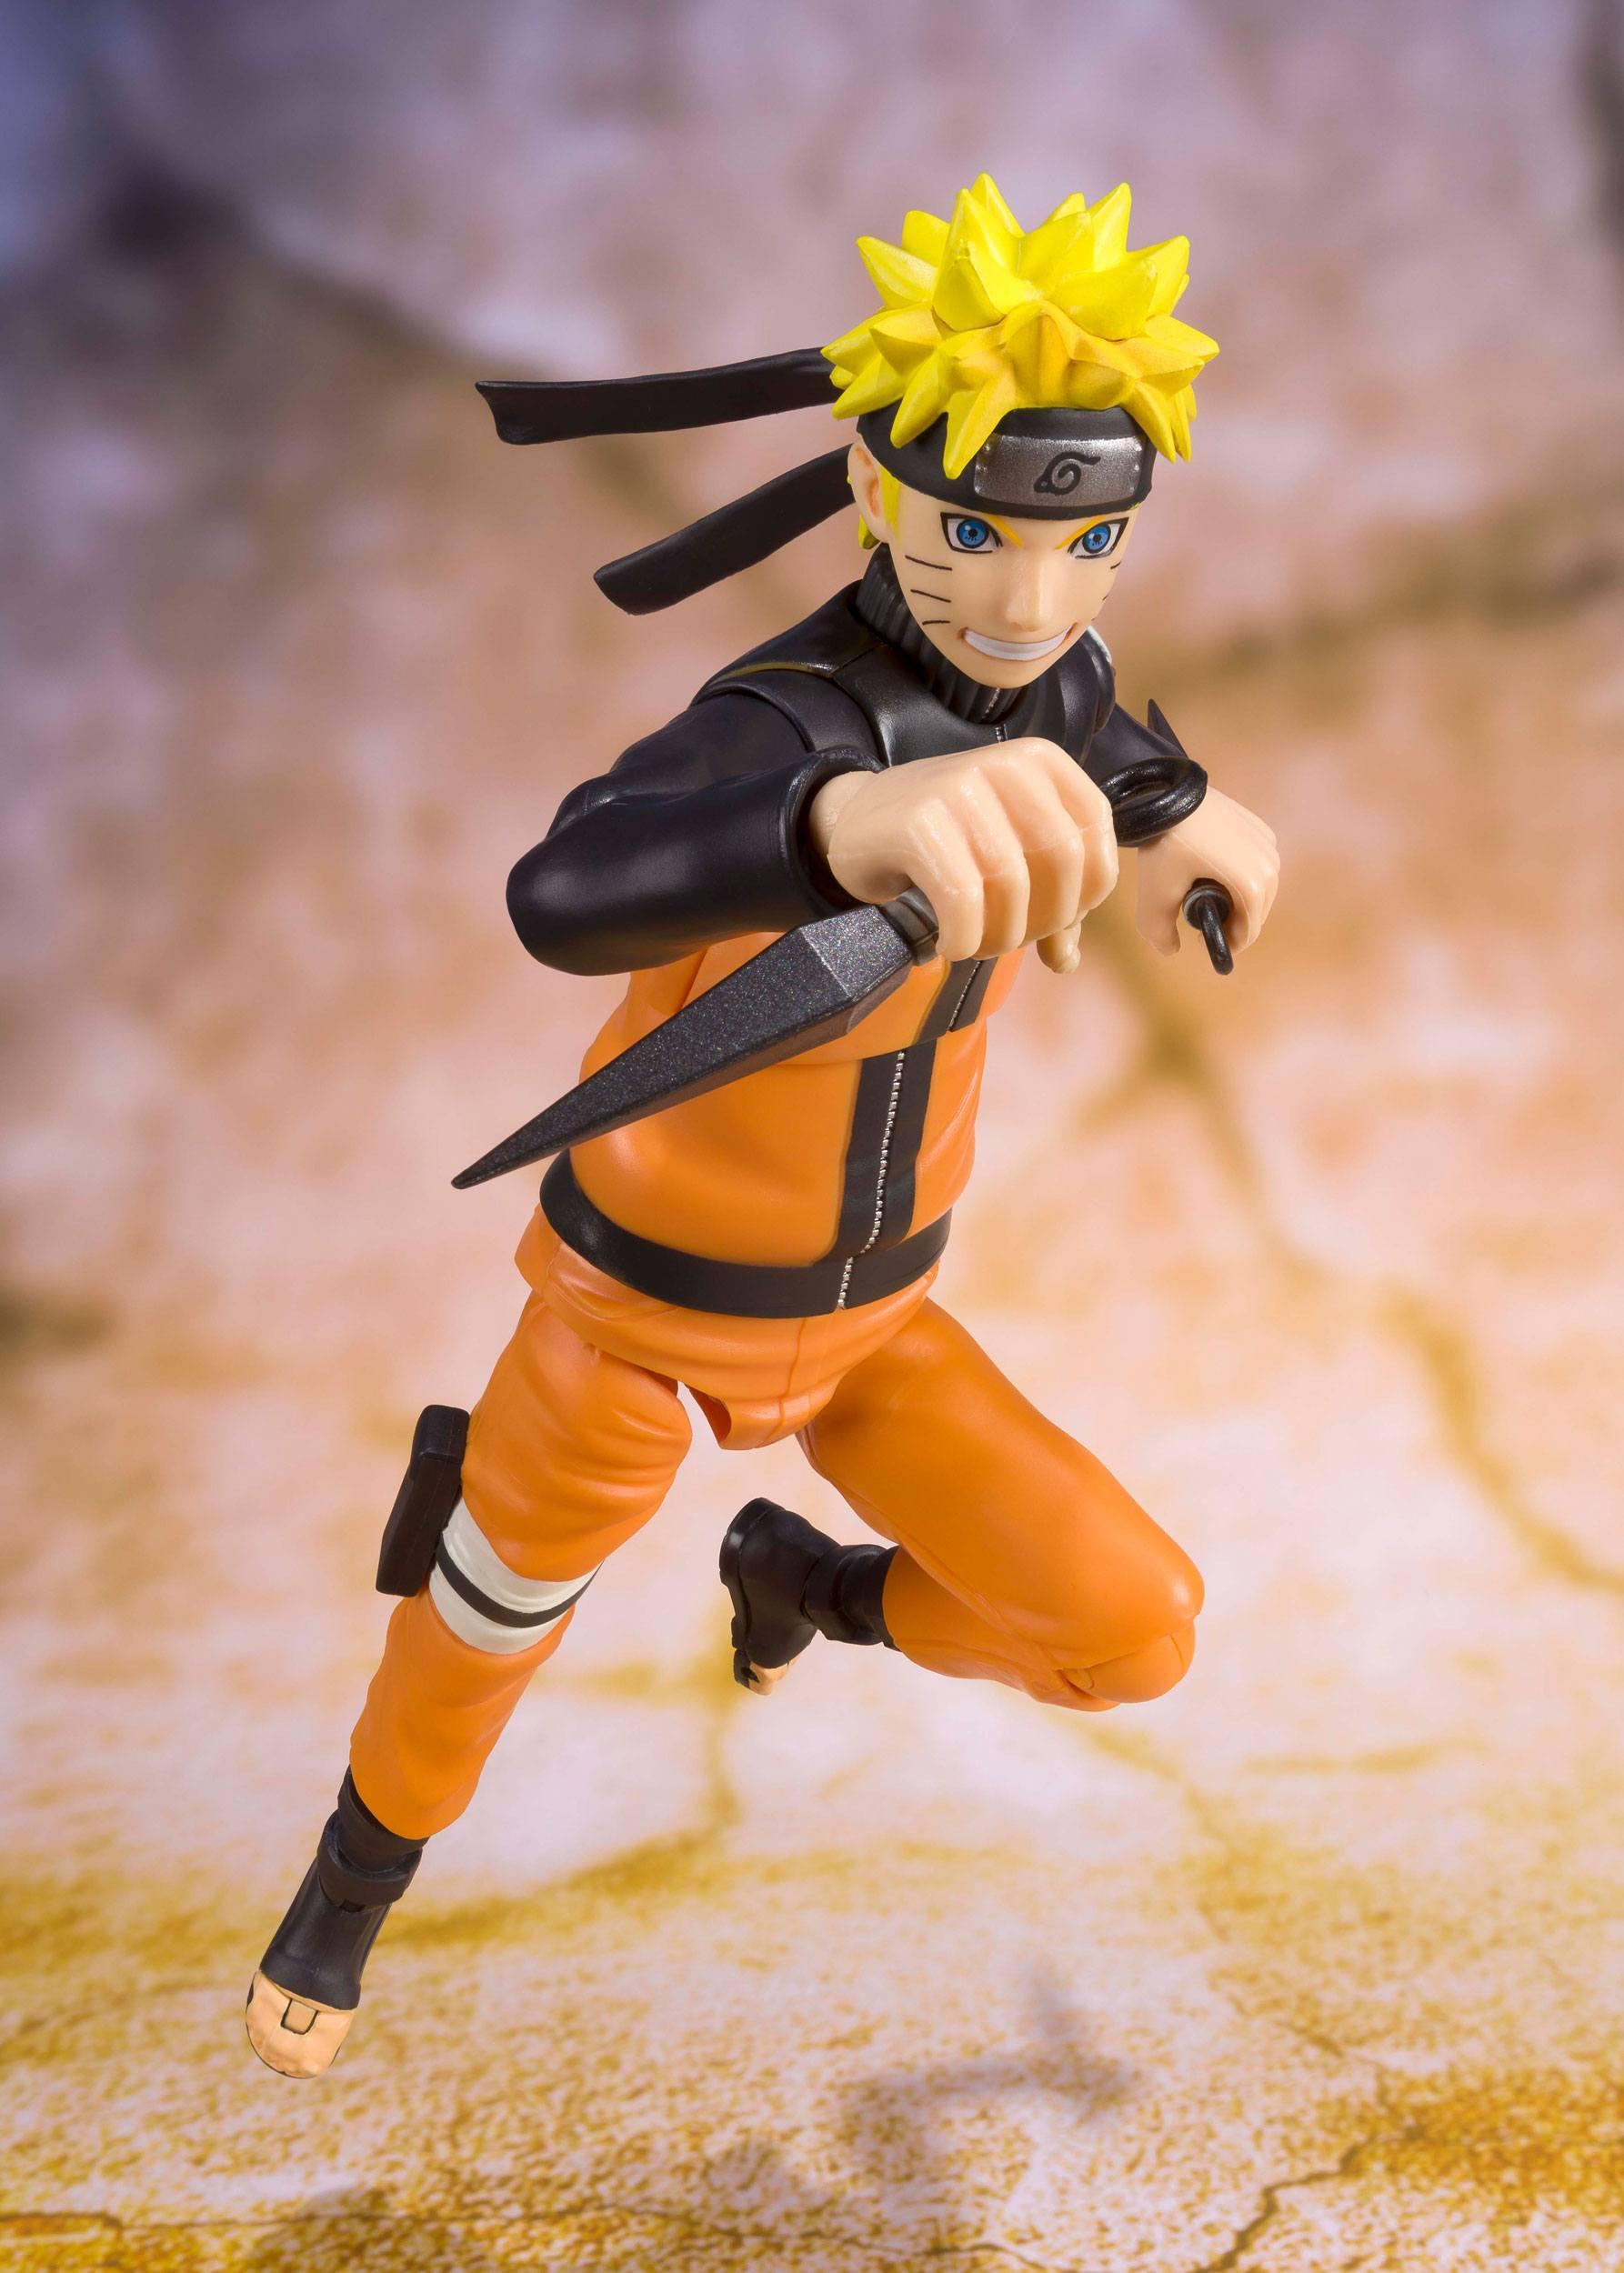 Animefanshop De Naruto Uzumaki Maskottchen Der Olympischen Spiele Tokyo 2020 Kollektion Naruto Shippuden S H Figuarts Best Selection